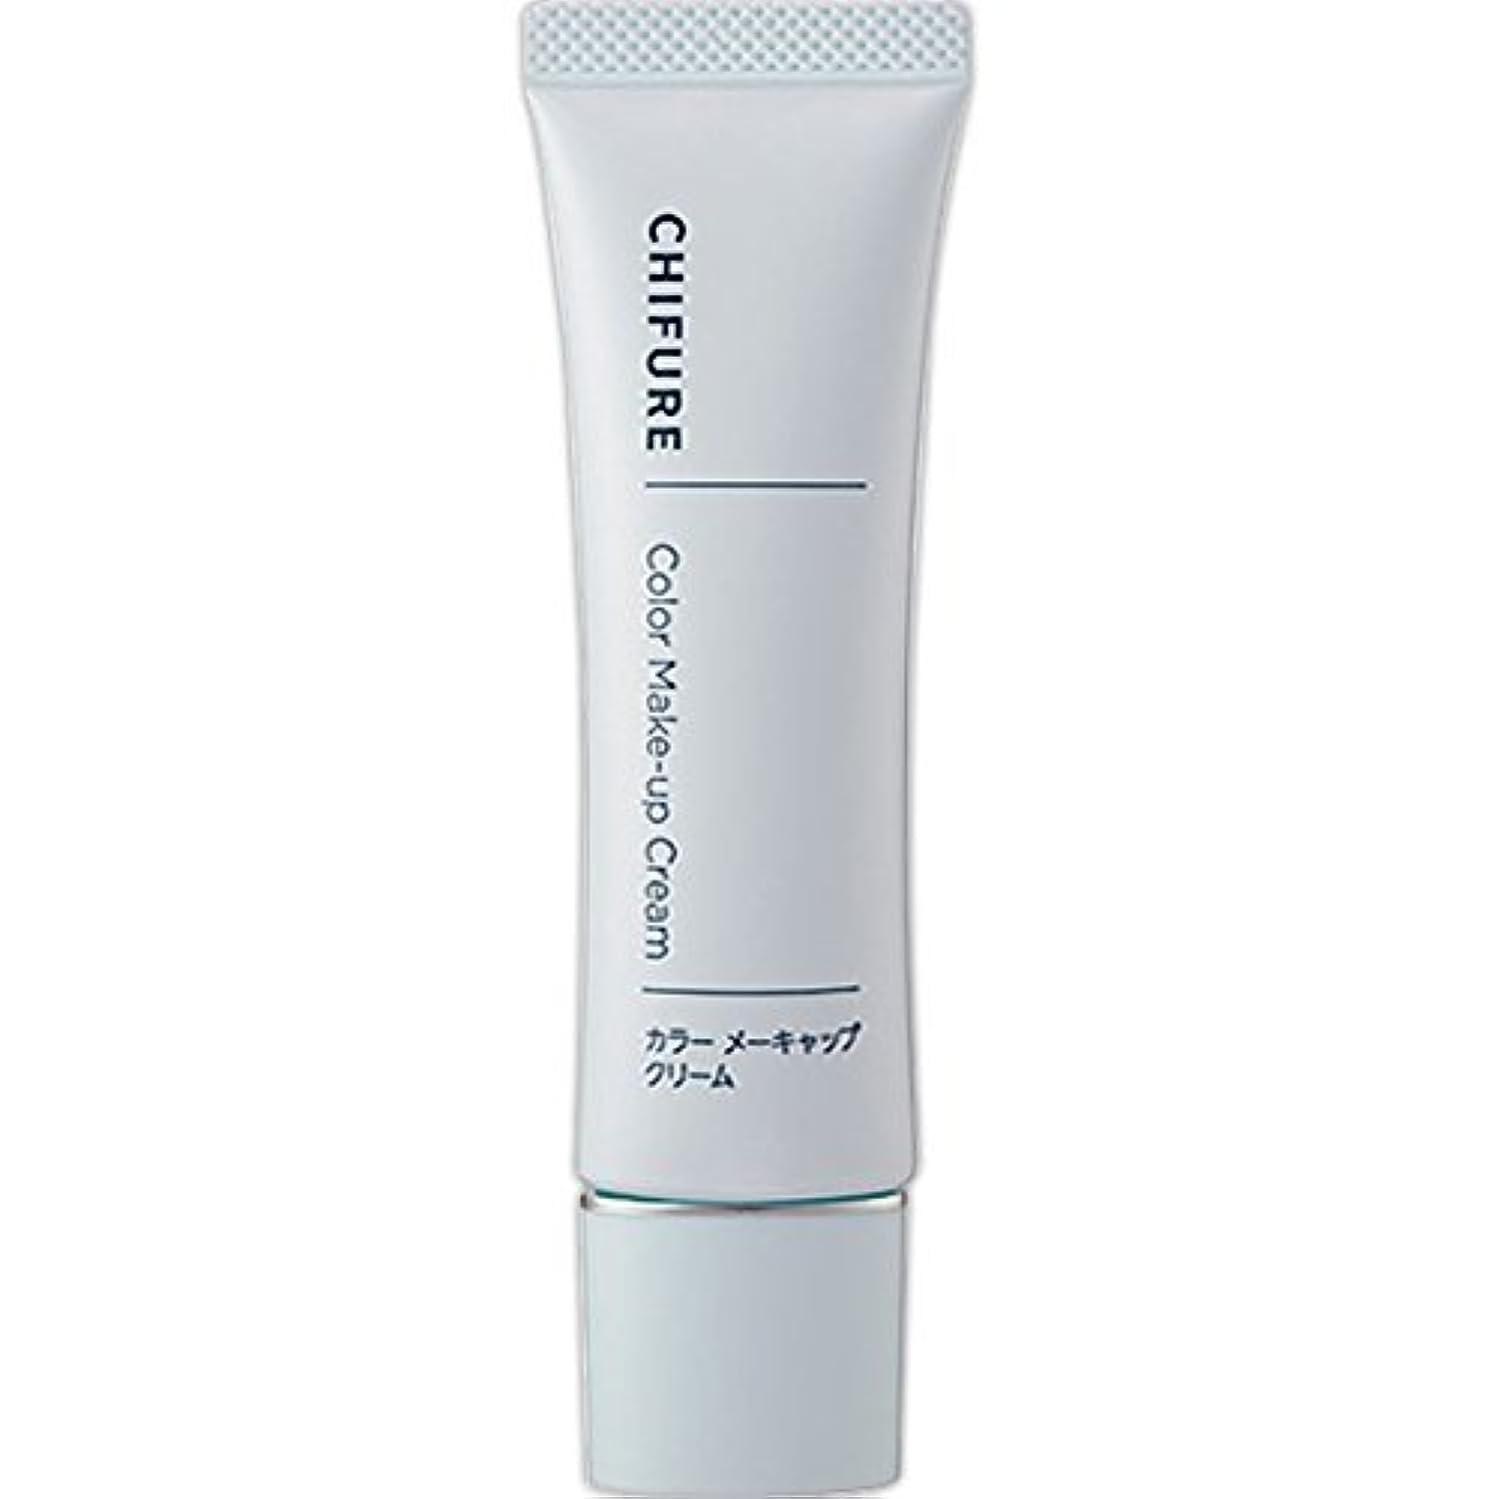 ヒステリック鎮痛剤ハウジングちふれ化粧品 カラー メーキャップ クリーム グリーン 35G